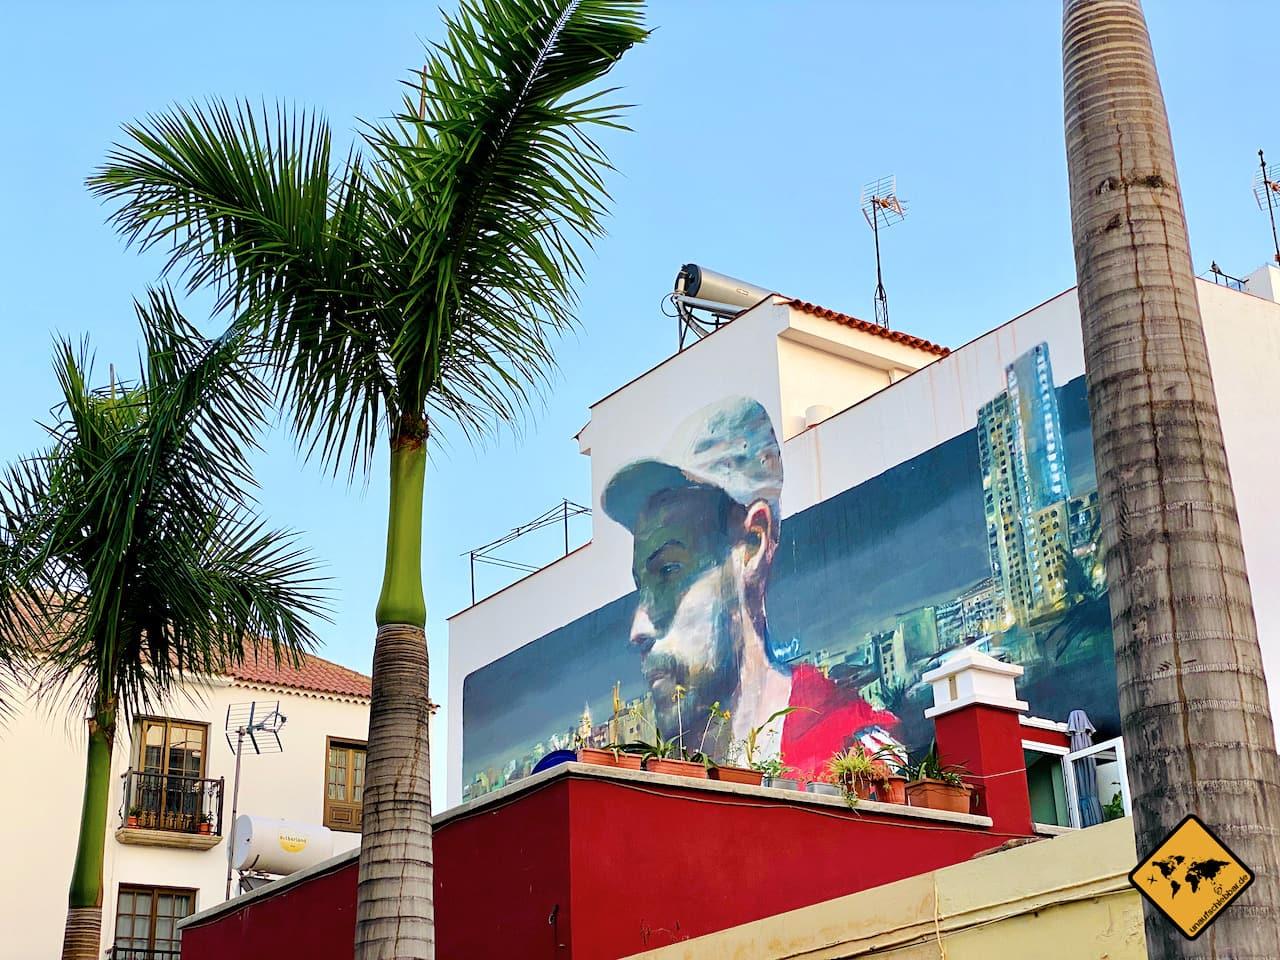 Kanaren welche Insel Streetart Puerto de la Cruz Teneriffa